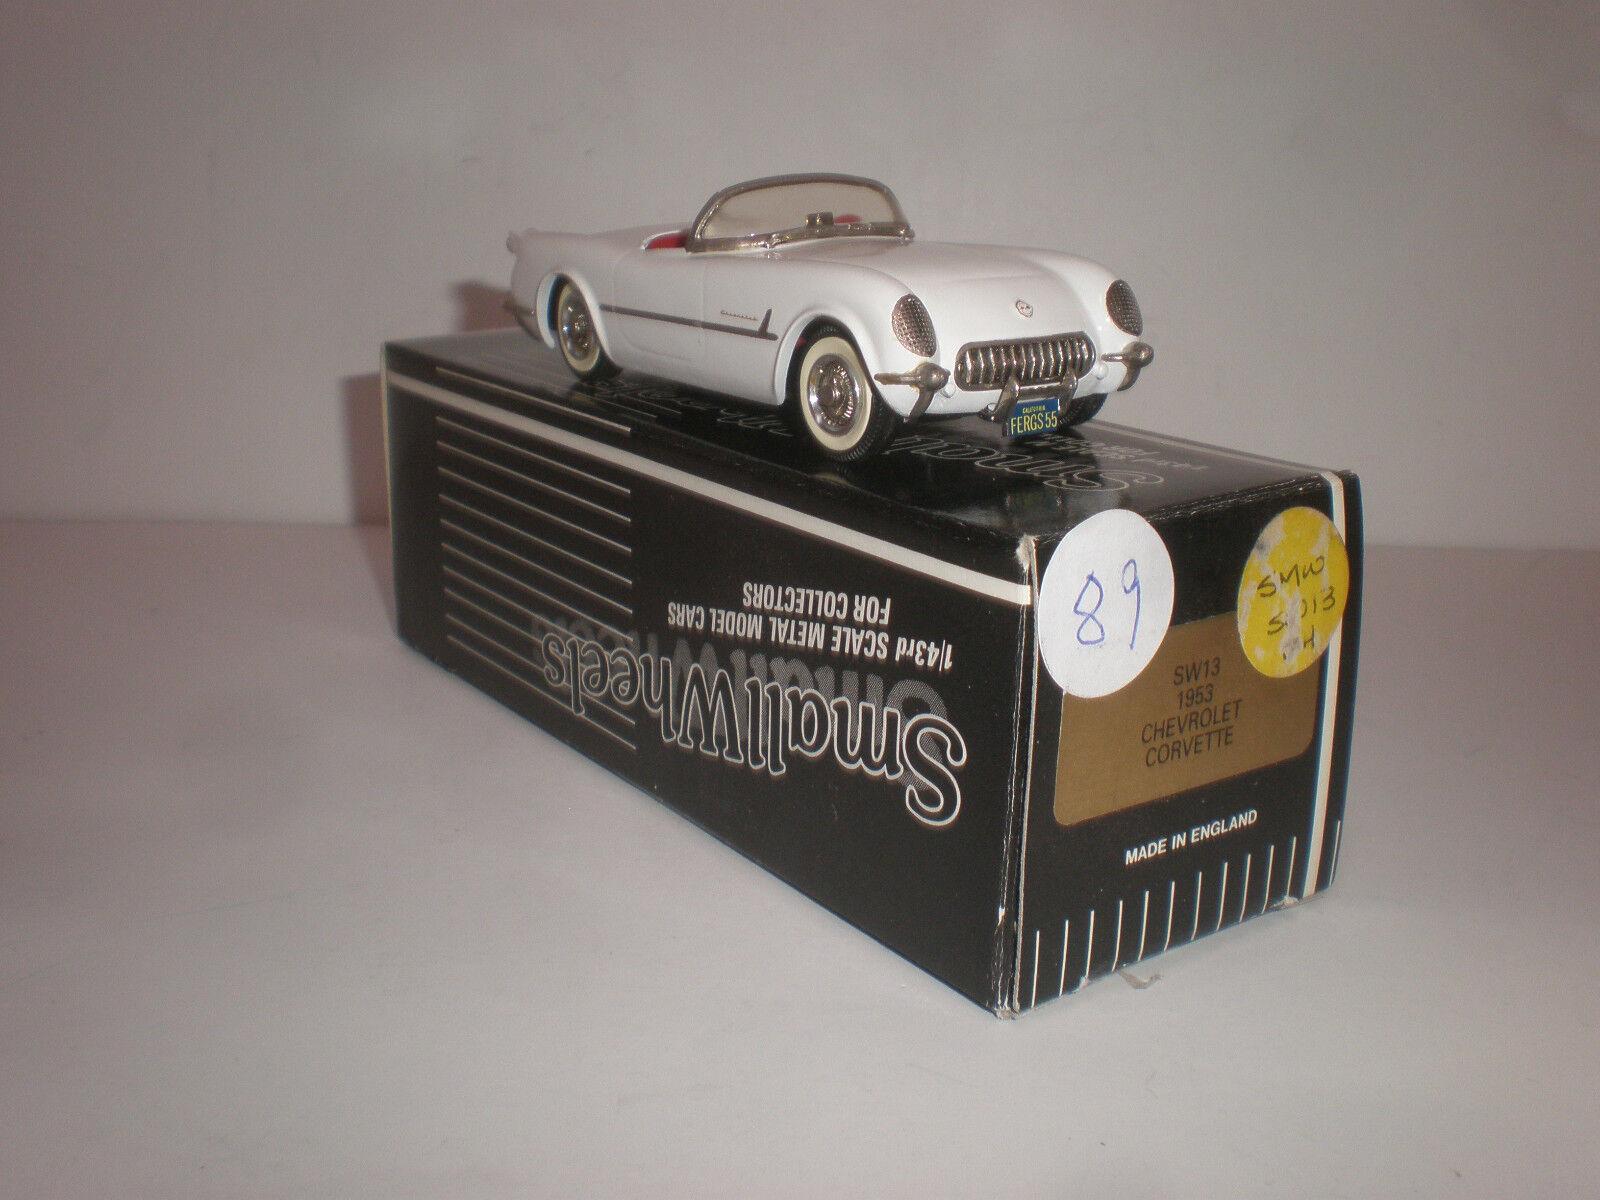 più economico 1 43 Smtutti Smtutti Smtutti Ruedas SW13  1953 Chevrolet Corvette  Very rare  risparmia fino al 70%